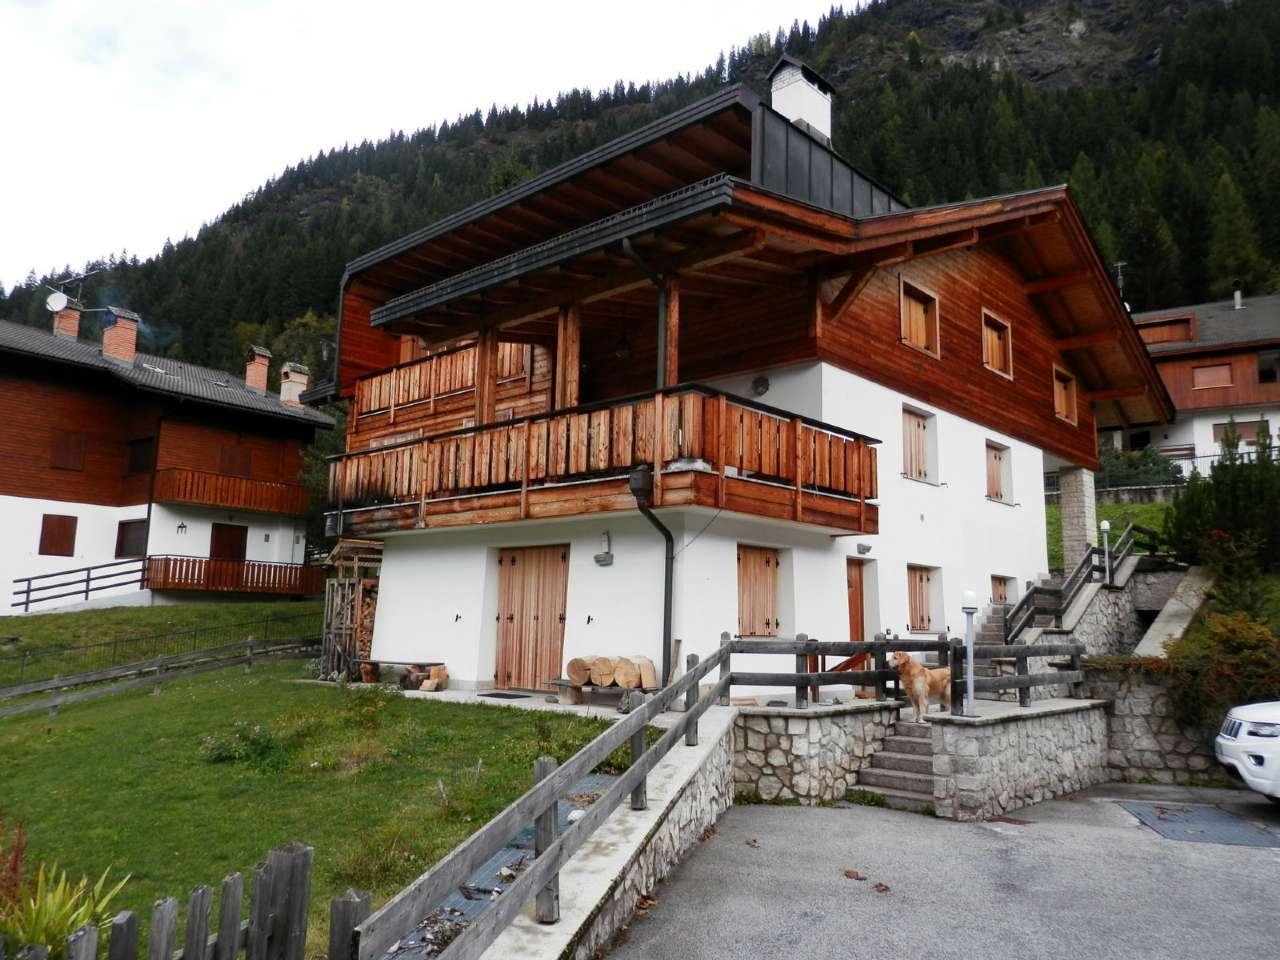 Appartamento in vendita a Alleghe, 3 locali, Trattative riservate | CambioCasa.it